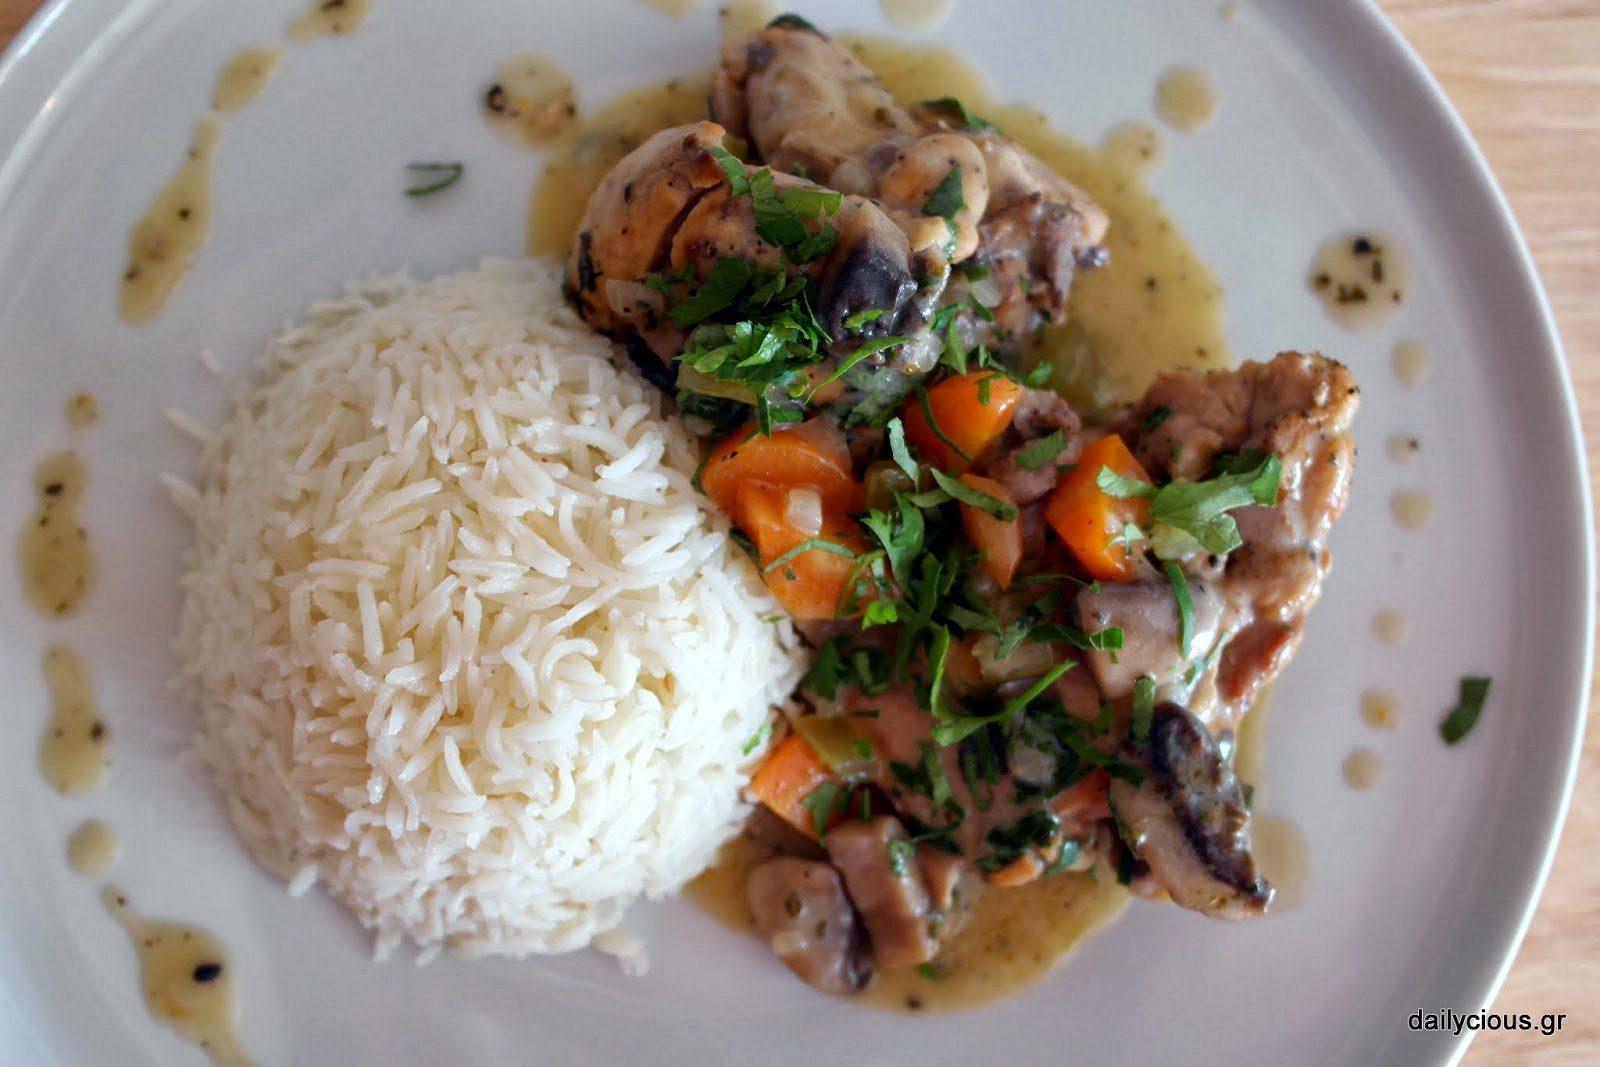 Στο πιάτο με ρύζι basmati και σάλτσα.